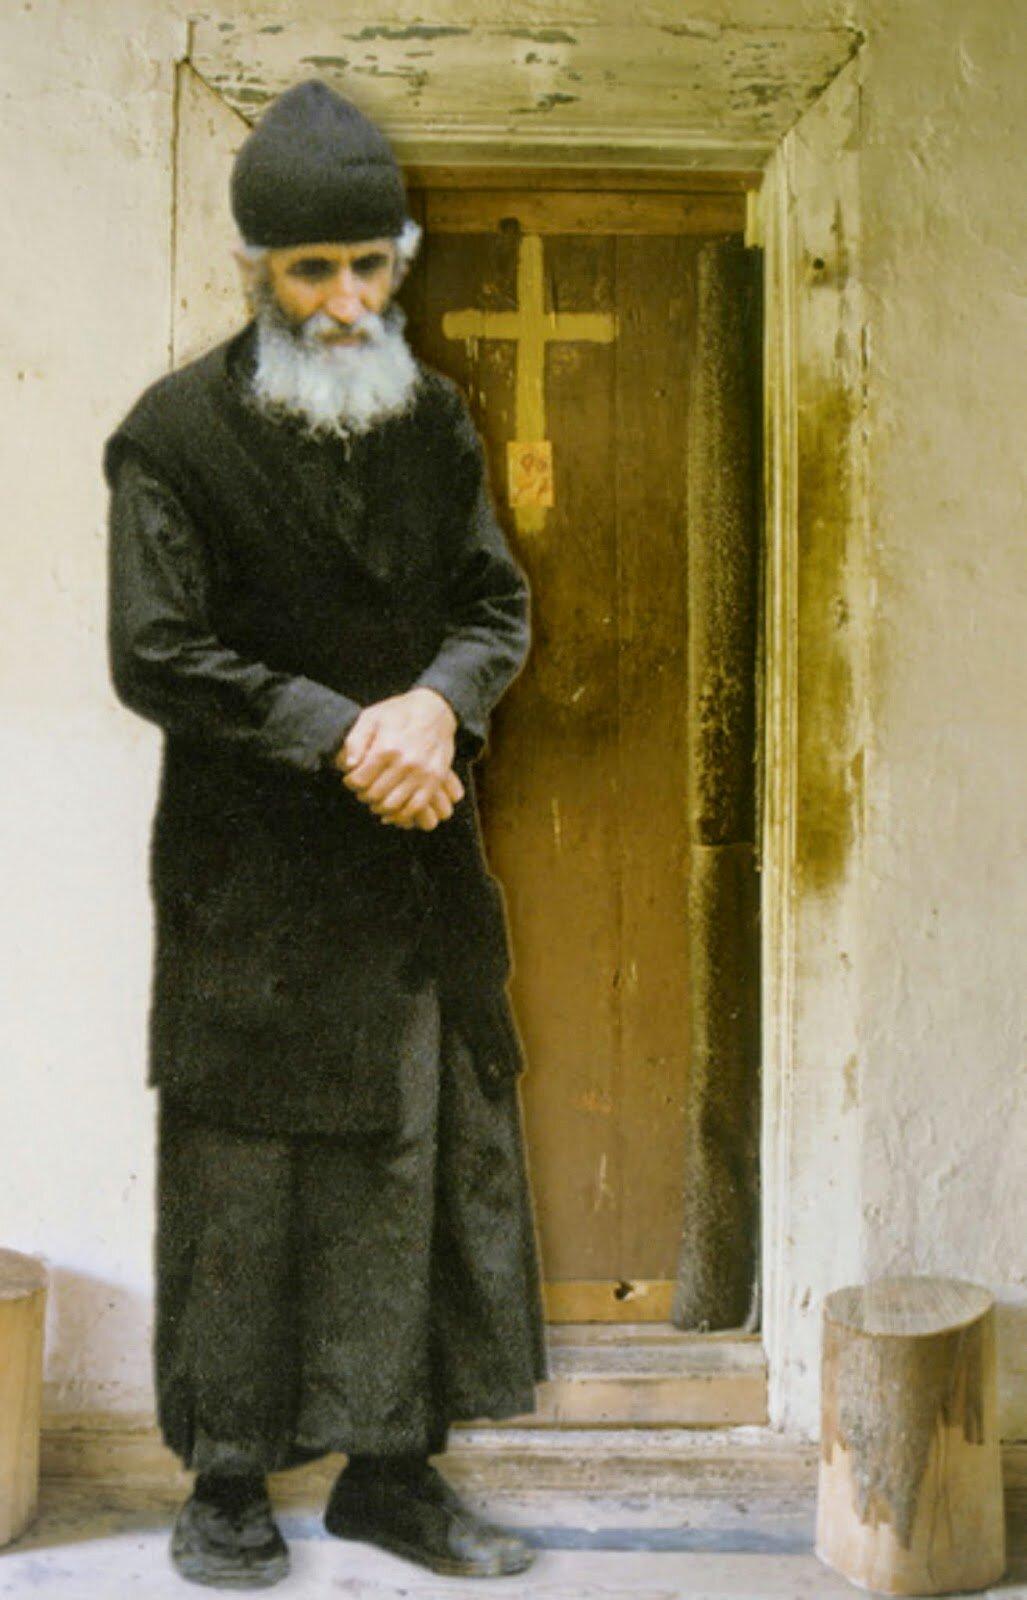 крое представляет фотография паисия святогорца довольно популярные